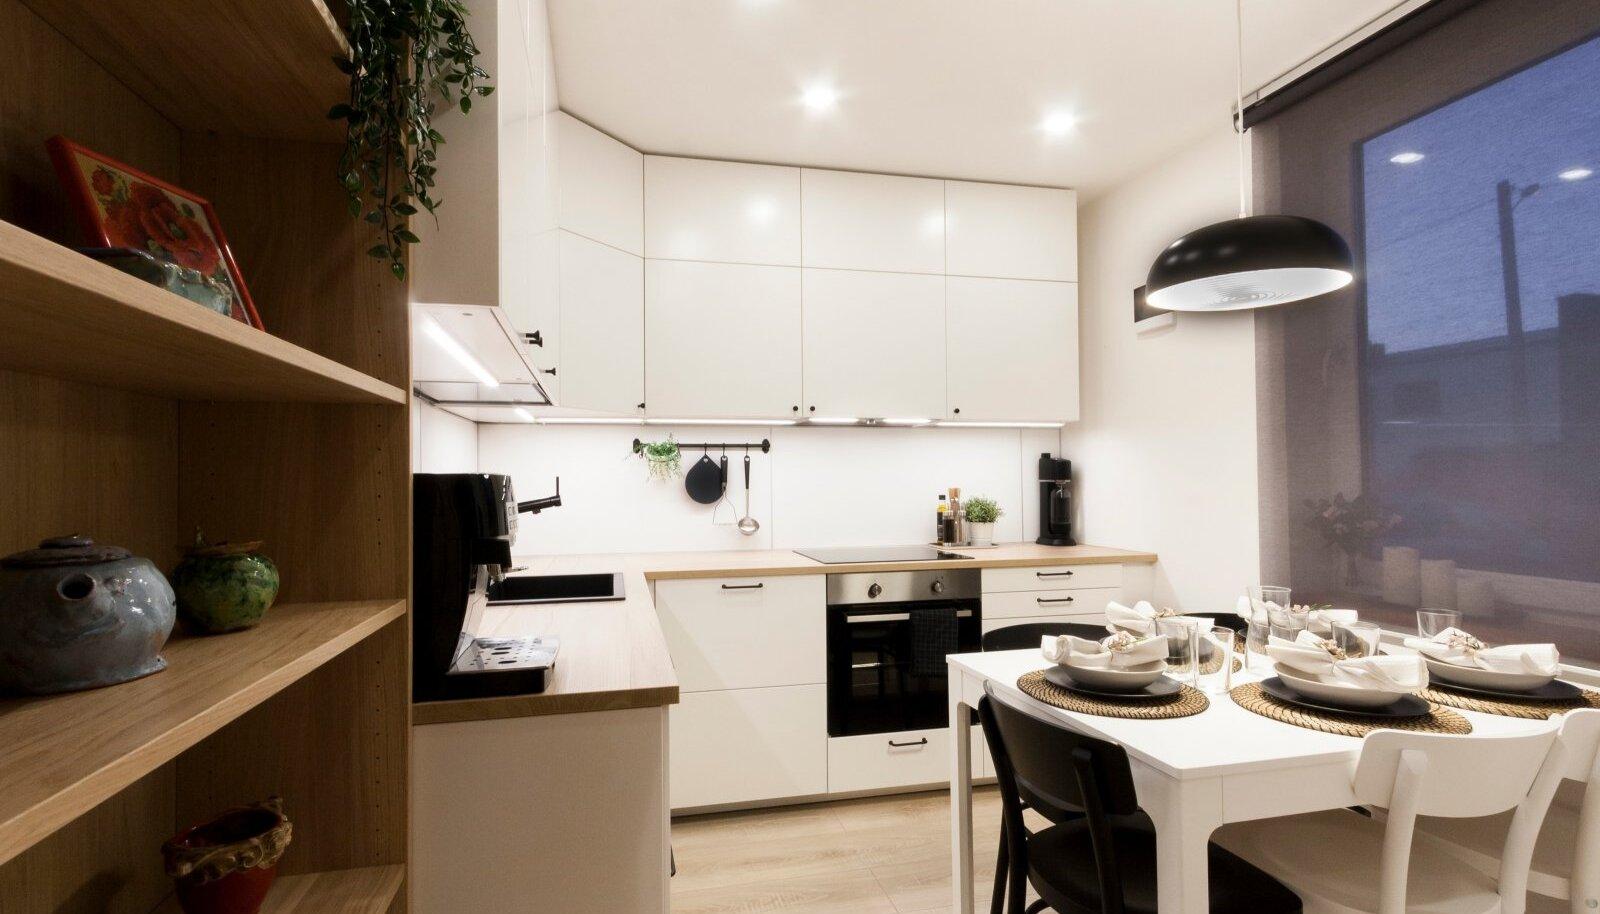 Pärast ümberkorraldusi on köök märksa ruumikam ja avaram.